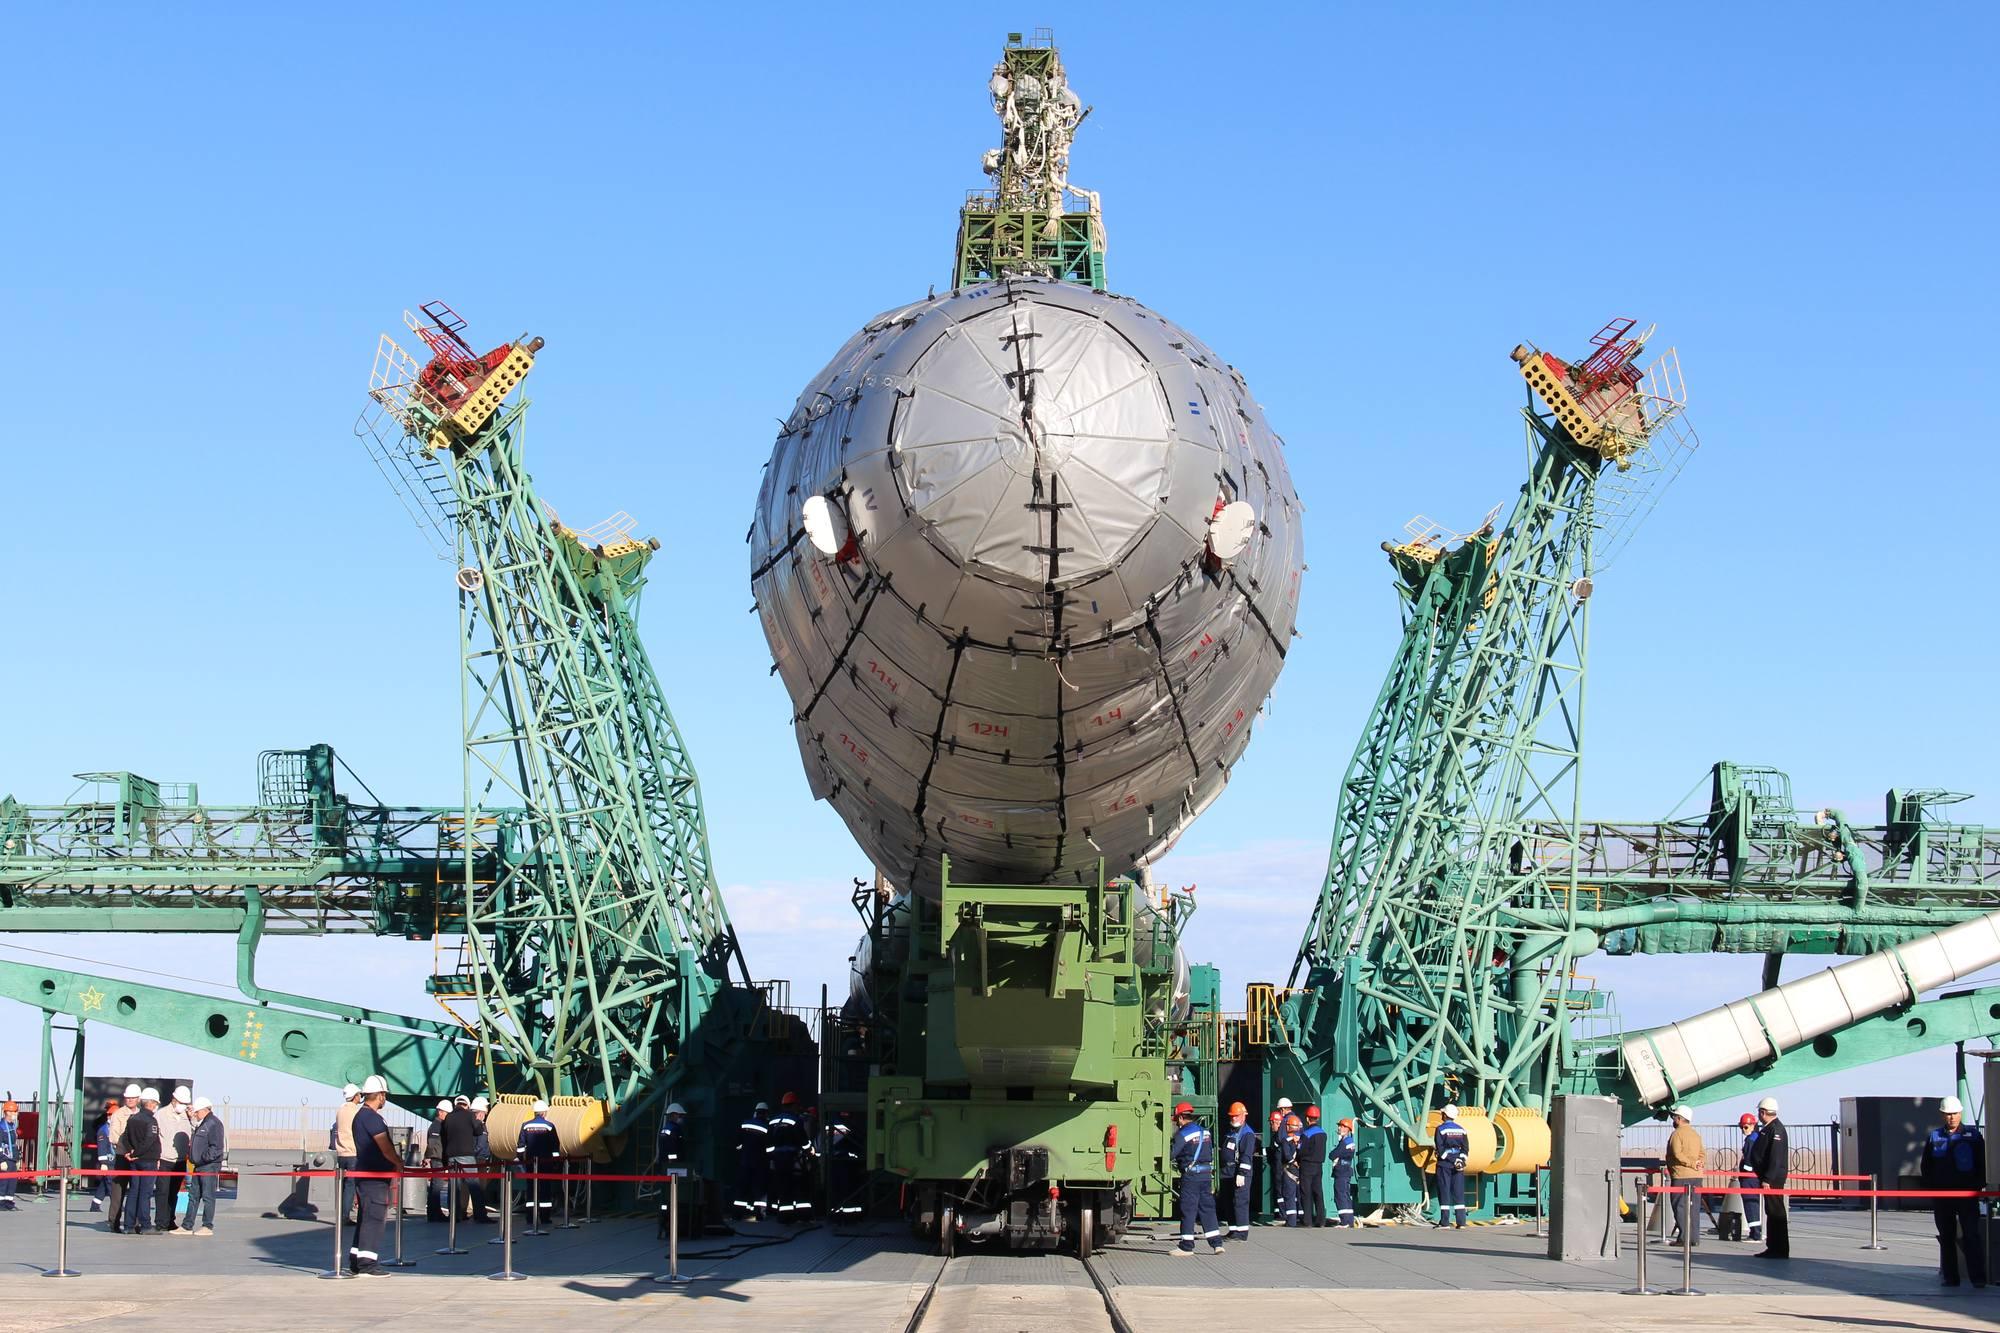 Le transporteur-érecteur va pouvoir redresser le lanceur.